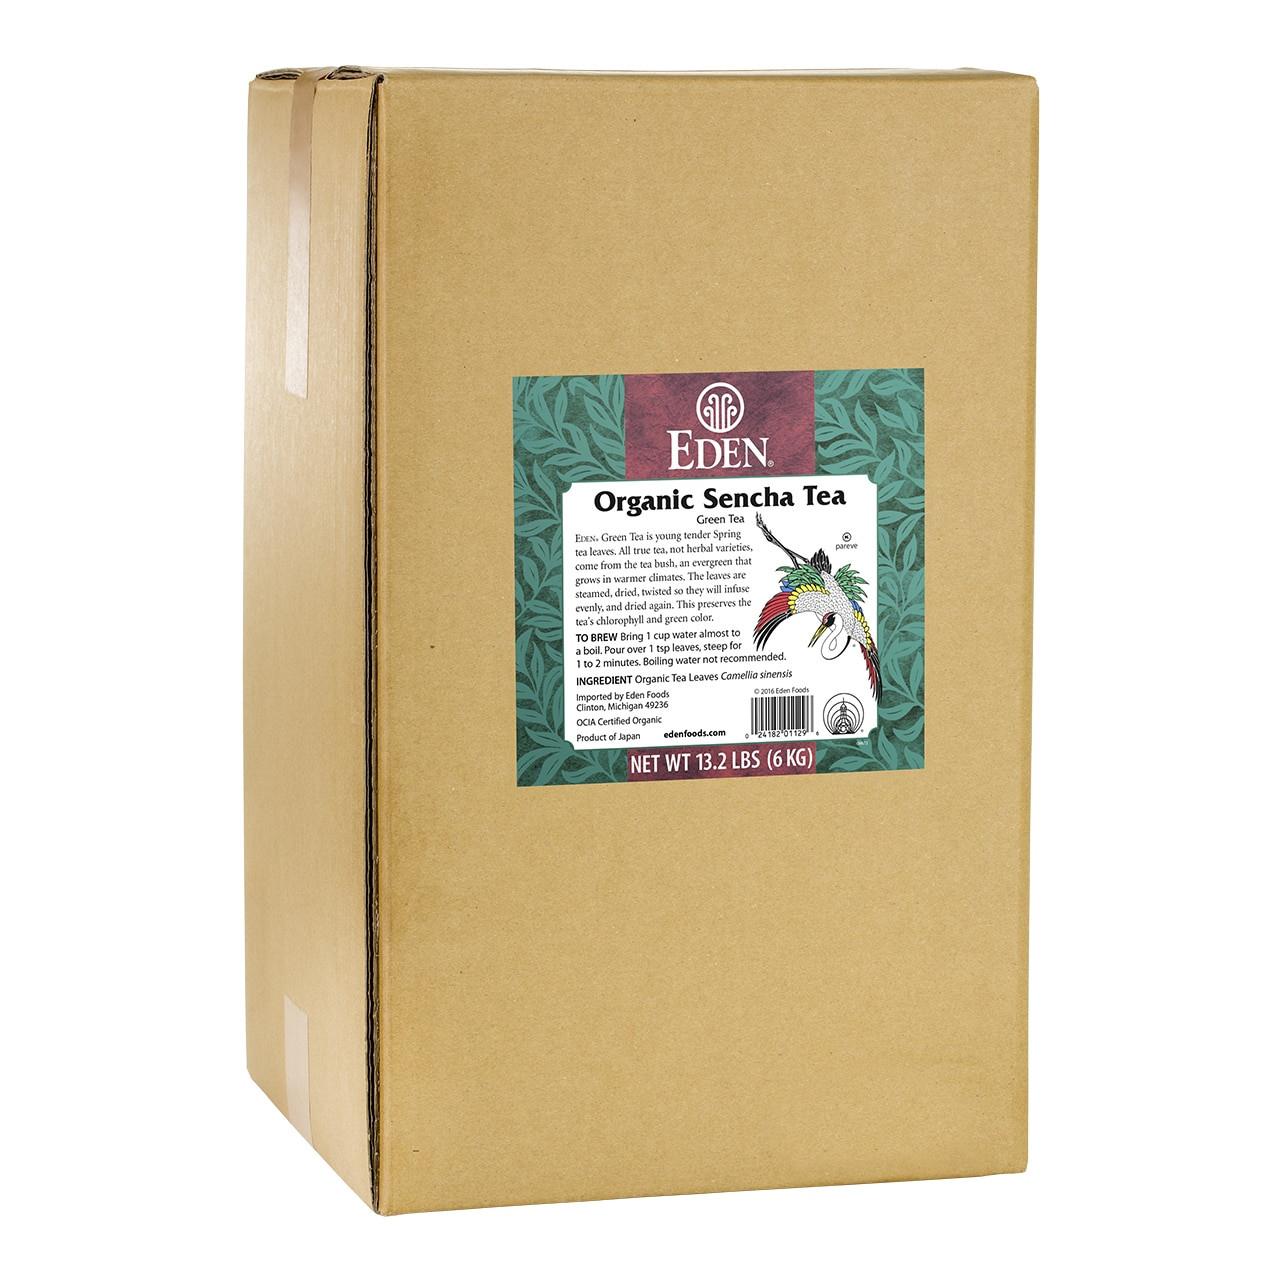 Sencha Green Tea, Organic, Loose - 13.2 lb